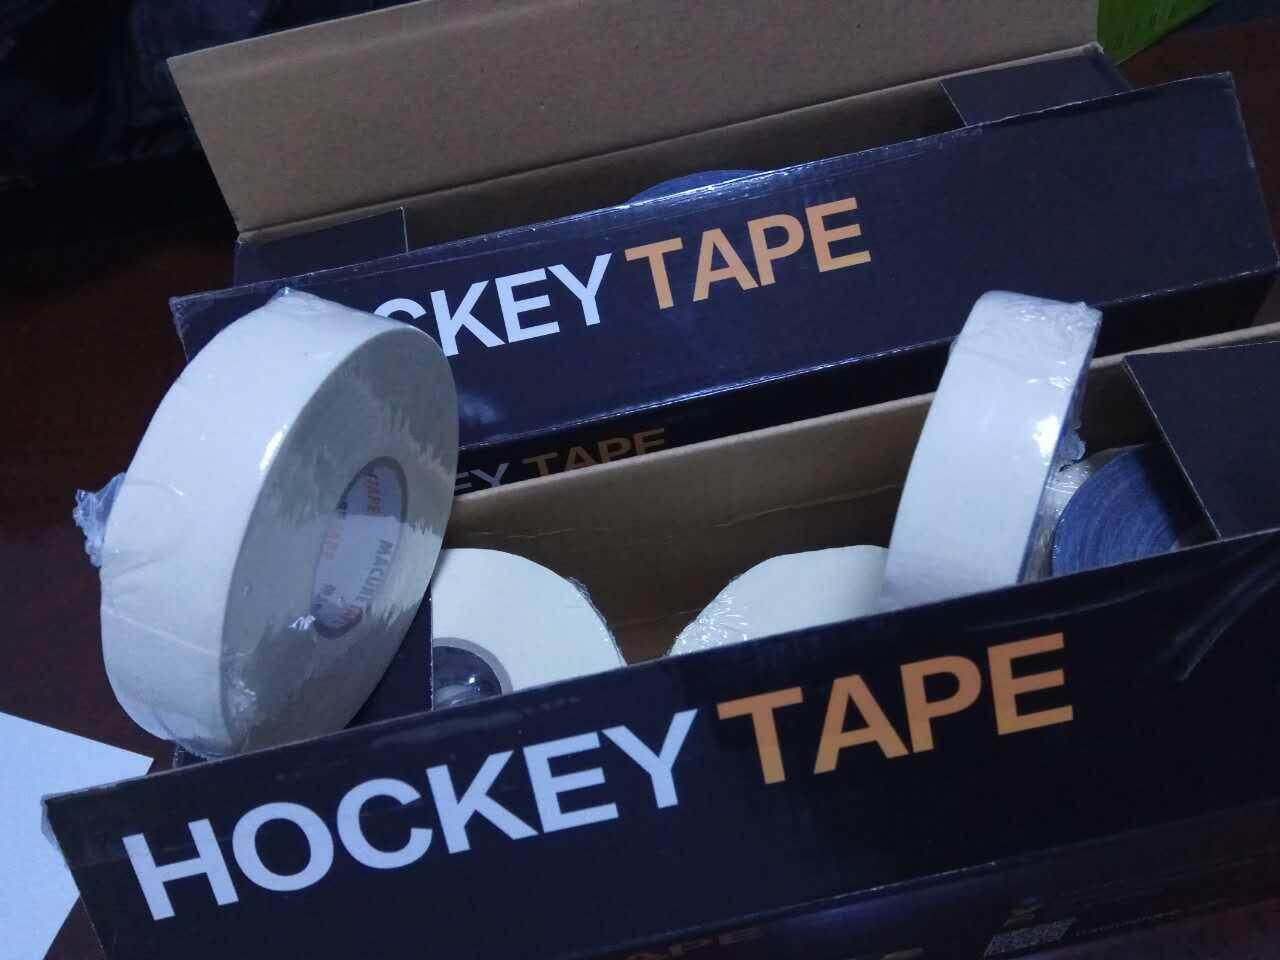 Giá bán Quả Cầu Đá Băng Dính Renfrew, Băng Dính Màu Gậy Khúc Côn Cầu Băng Dính Quả Cầu Đá Băng Dính Quả Cầu Đá Giày Hockey